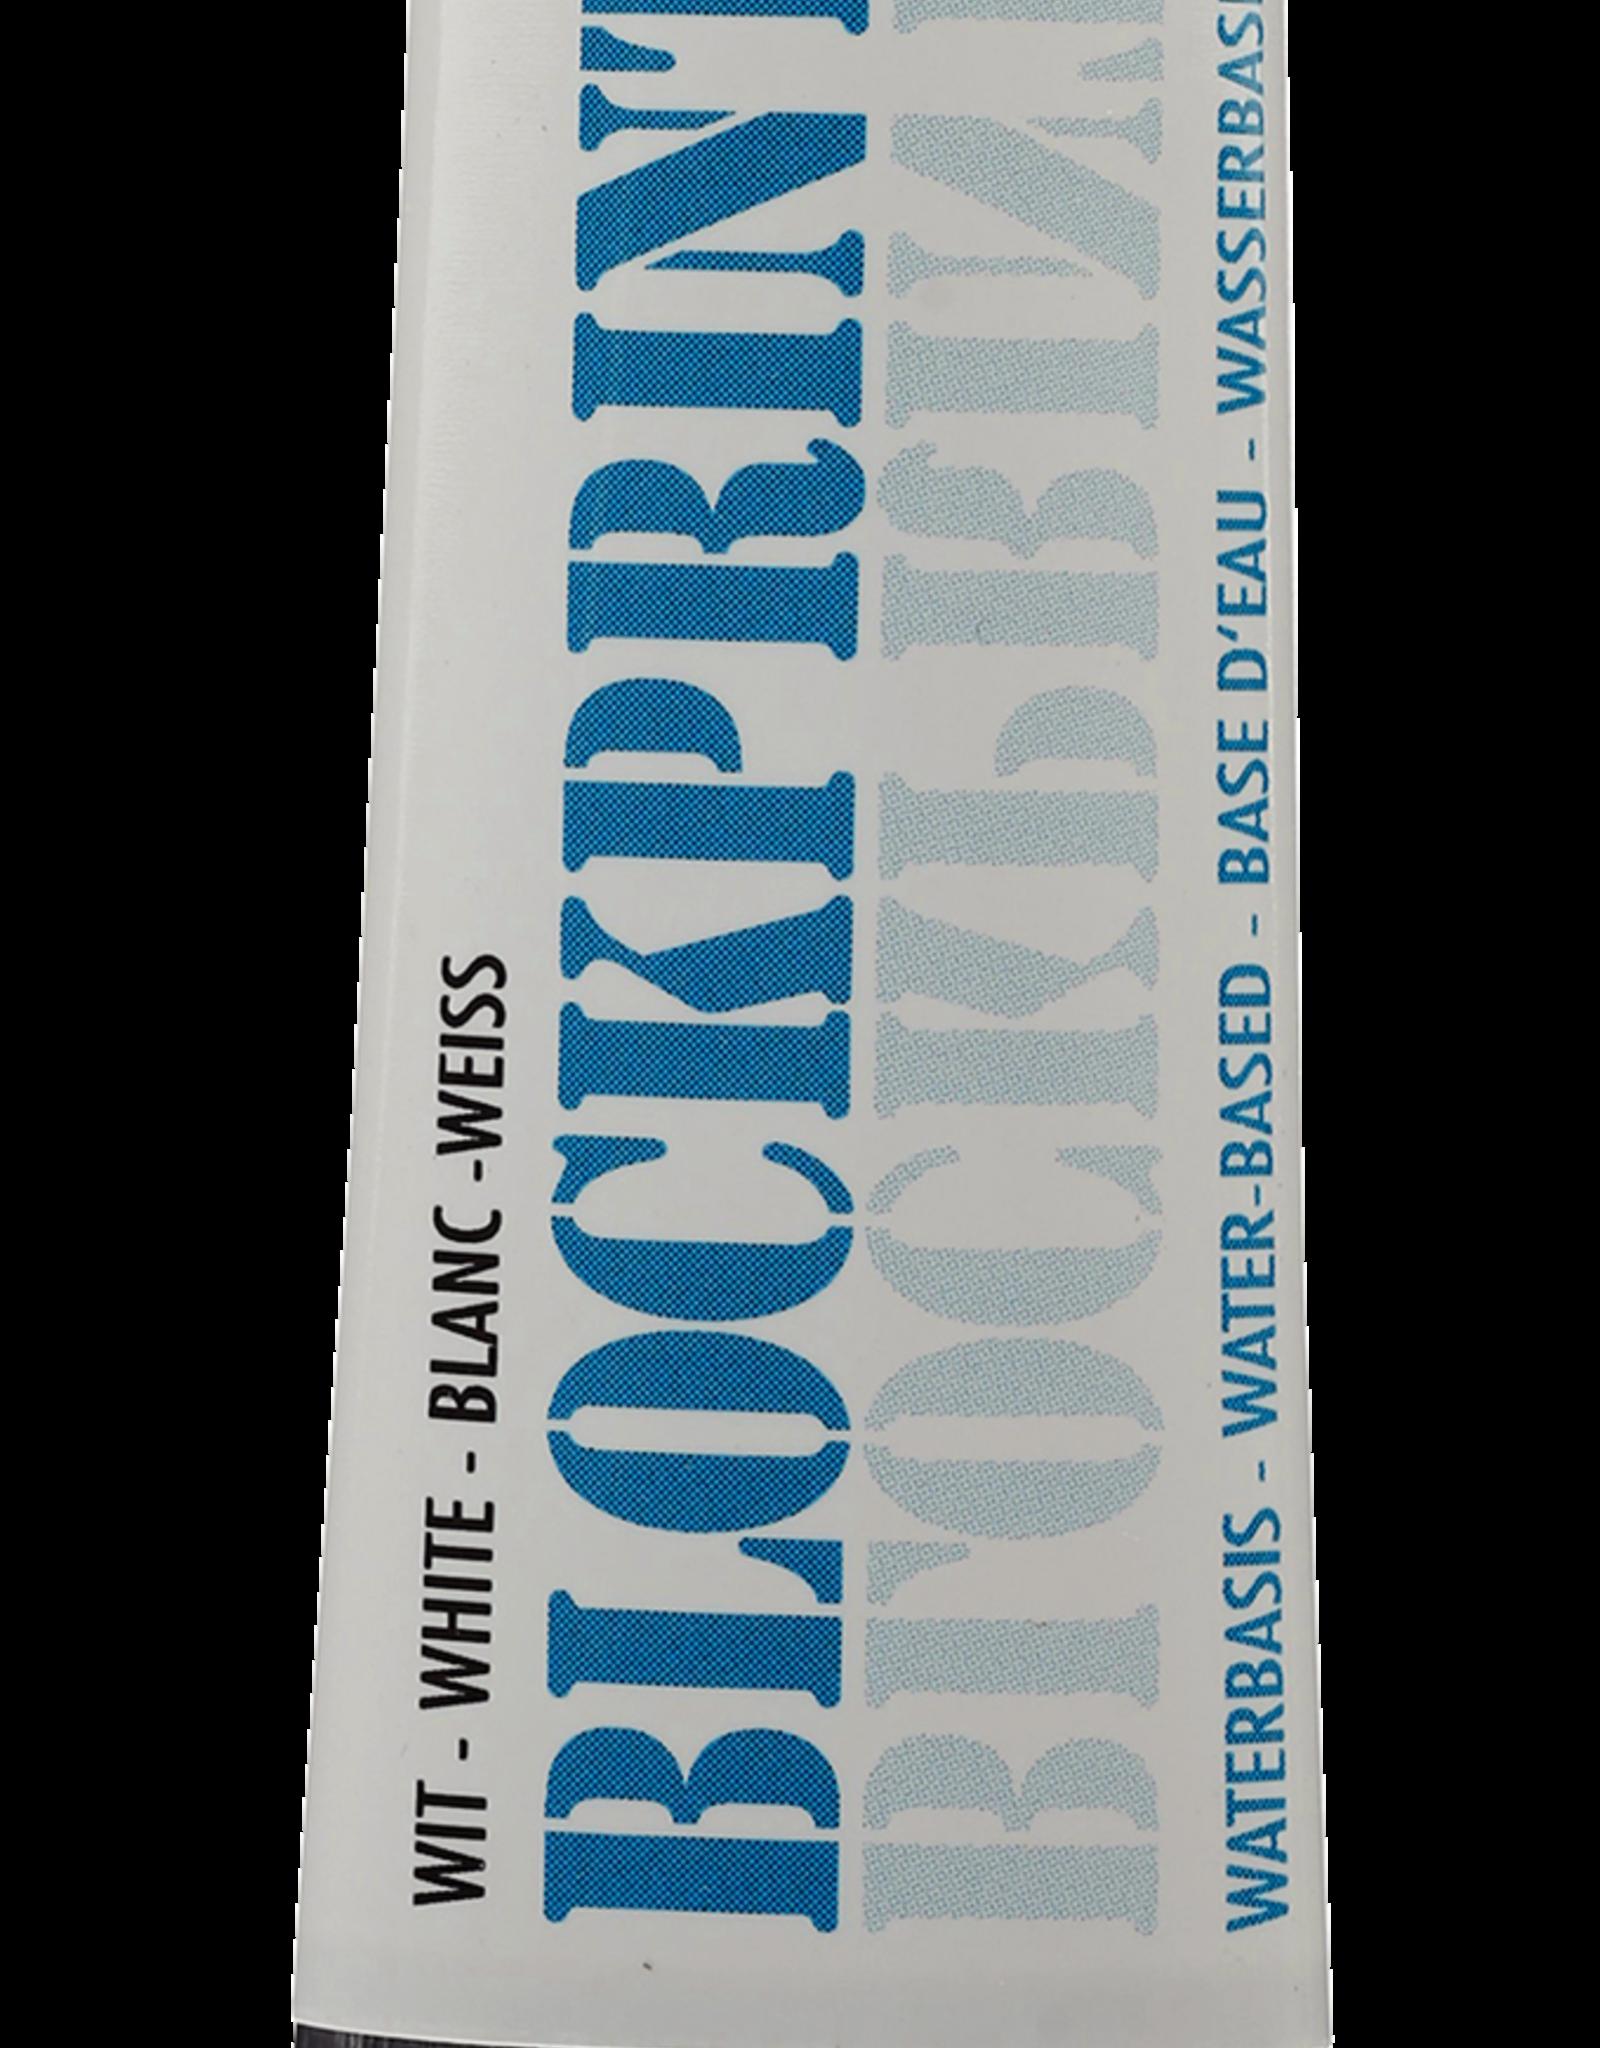 Talens Studiekwaliteit blockprint inkt op waterbasis. Veel gebrikt voor linosnedes en monoprint. Niet giftig bij aanraking. Daarmee min of meer geschikt voor kinderen vanaf 4 jaar. Het kleuraanbod is beperkt.